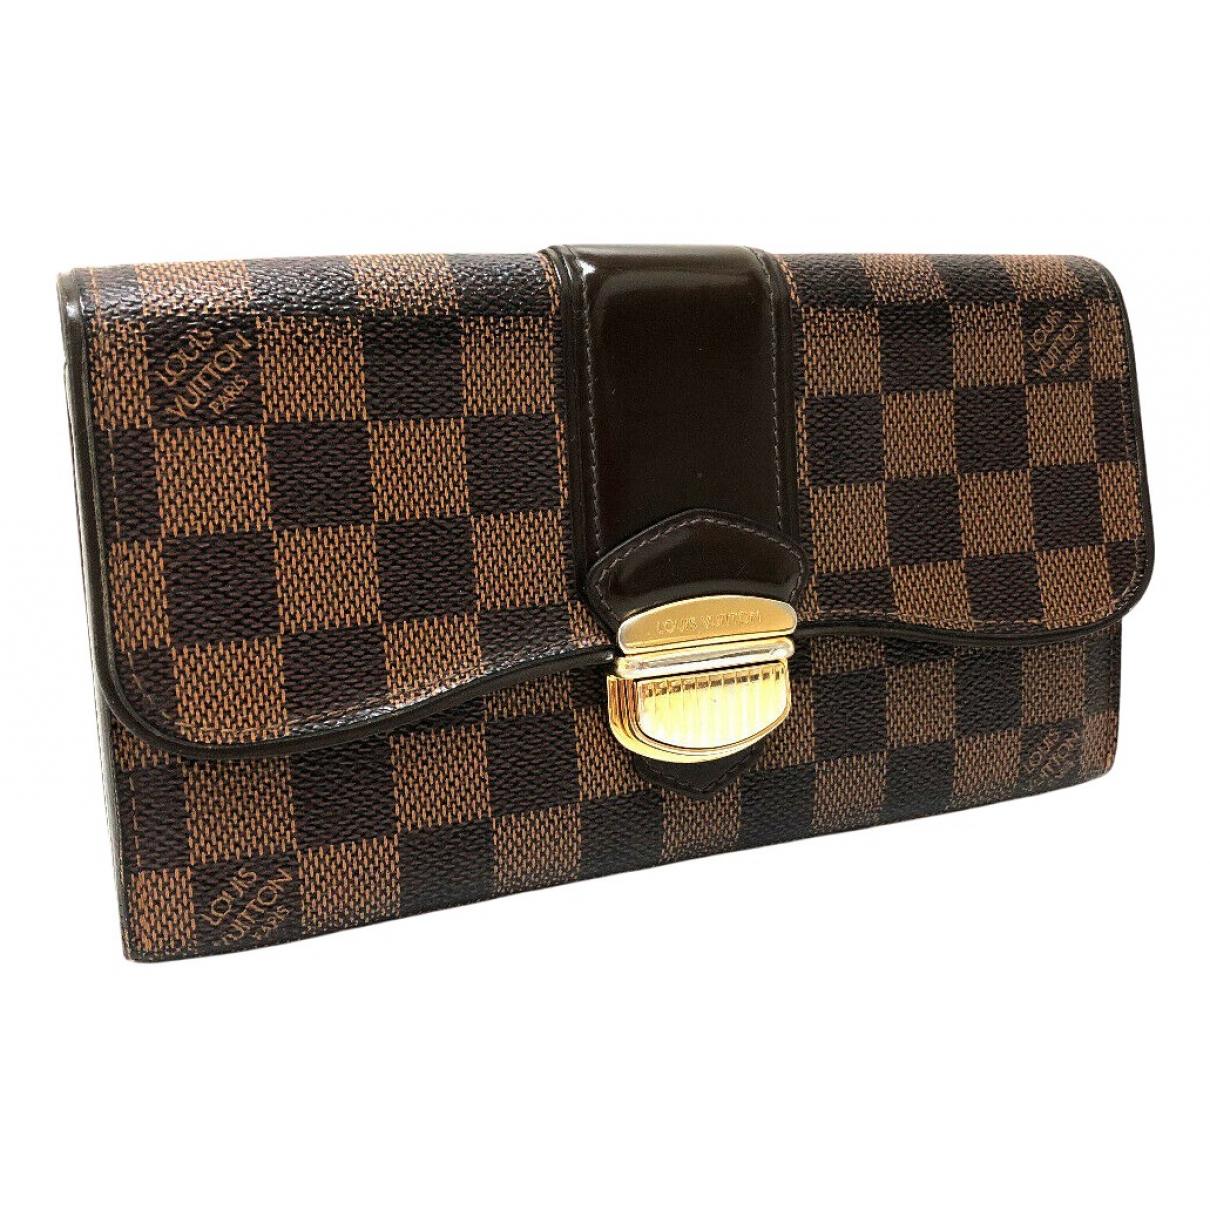 Louis Vuitton - Portefeuille Sistina pour femme en toile - marron